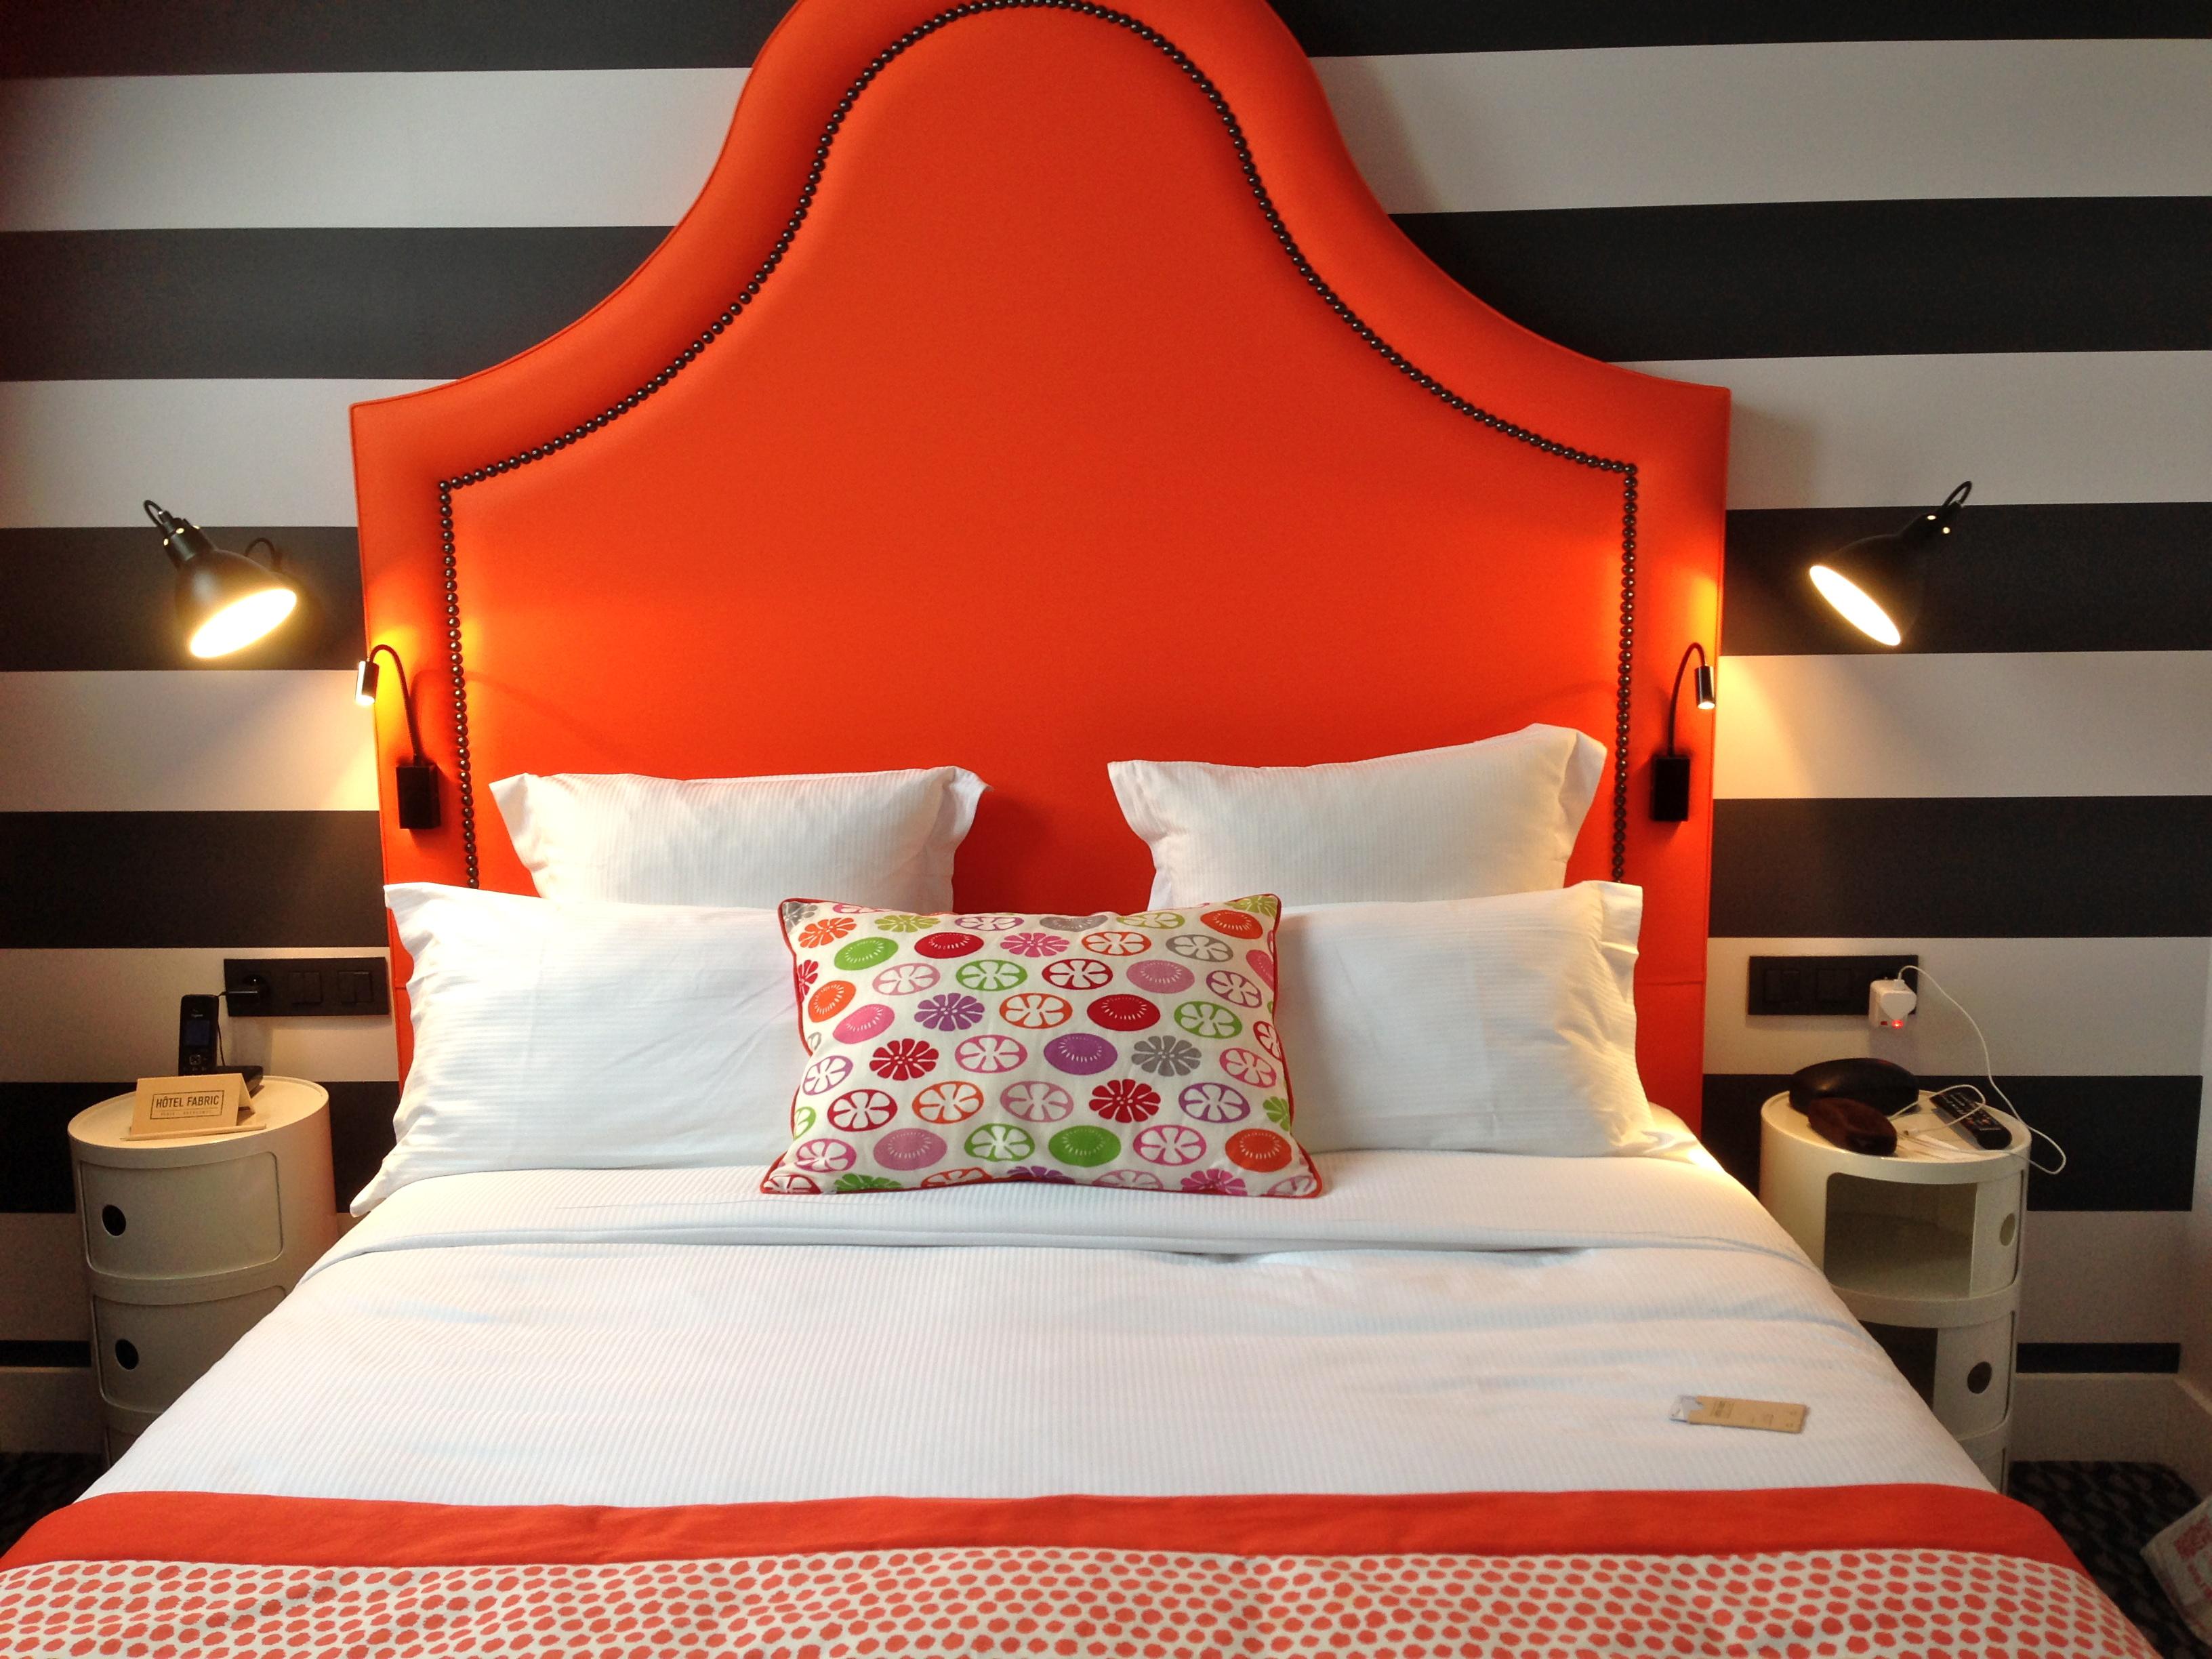 magnifique hotel fabric foodin 39 kl. Black Bedroom Furniture Sets. Home Design Ideas